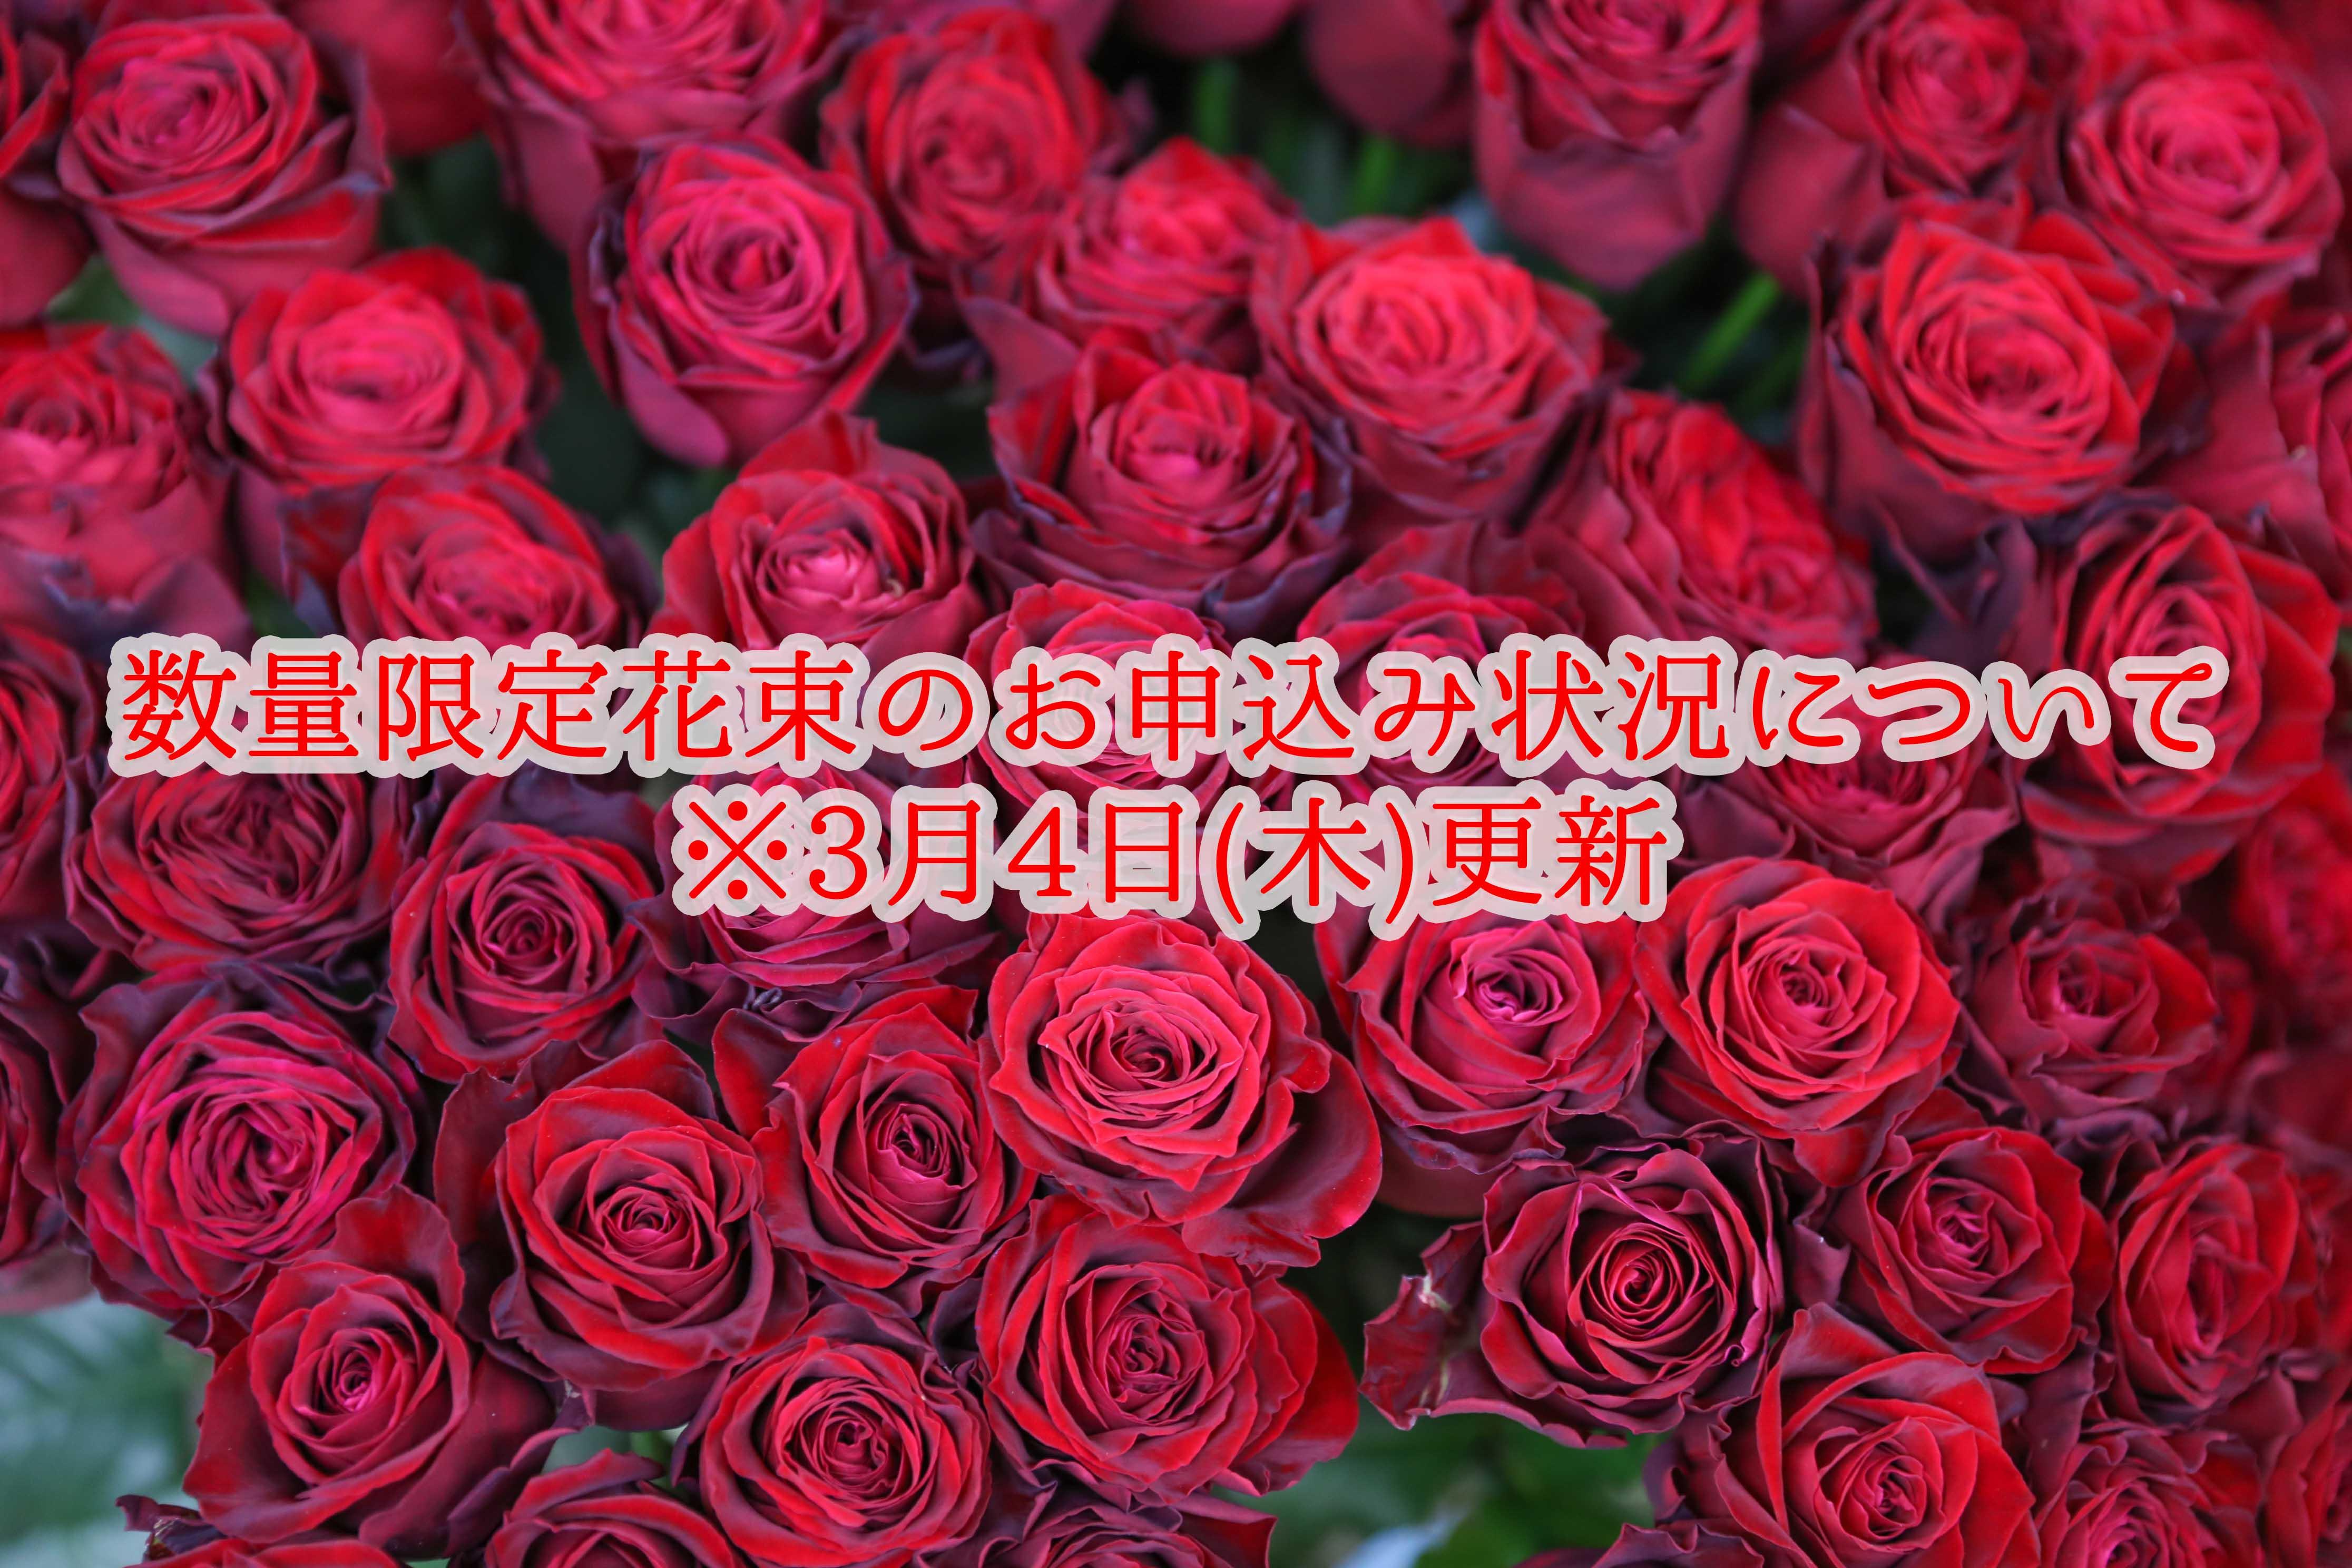 【3月4日(木)更新】 ◆数量限定花束のお申込み状況について◆